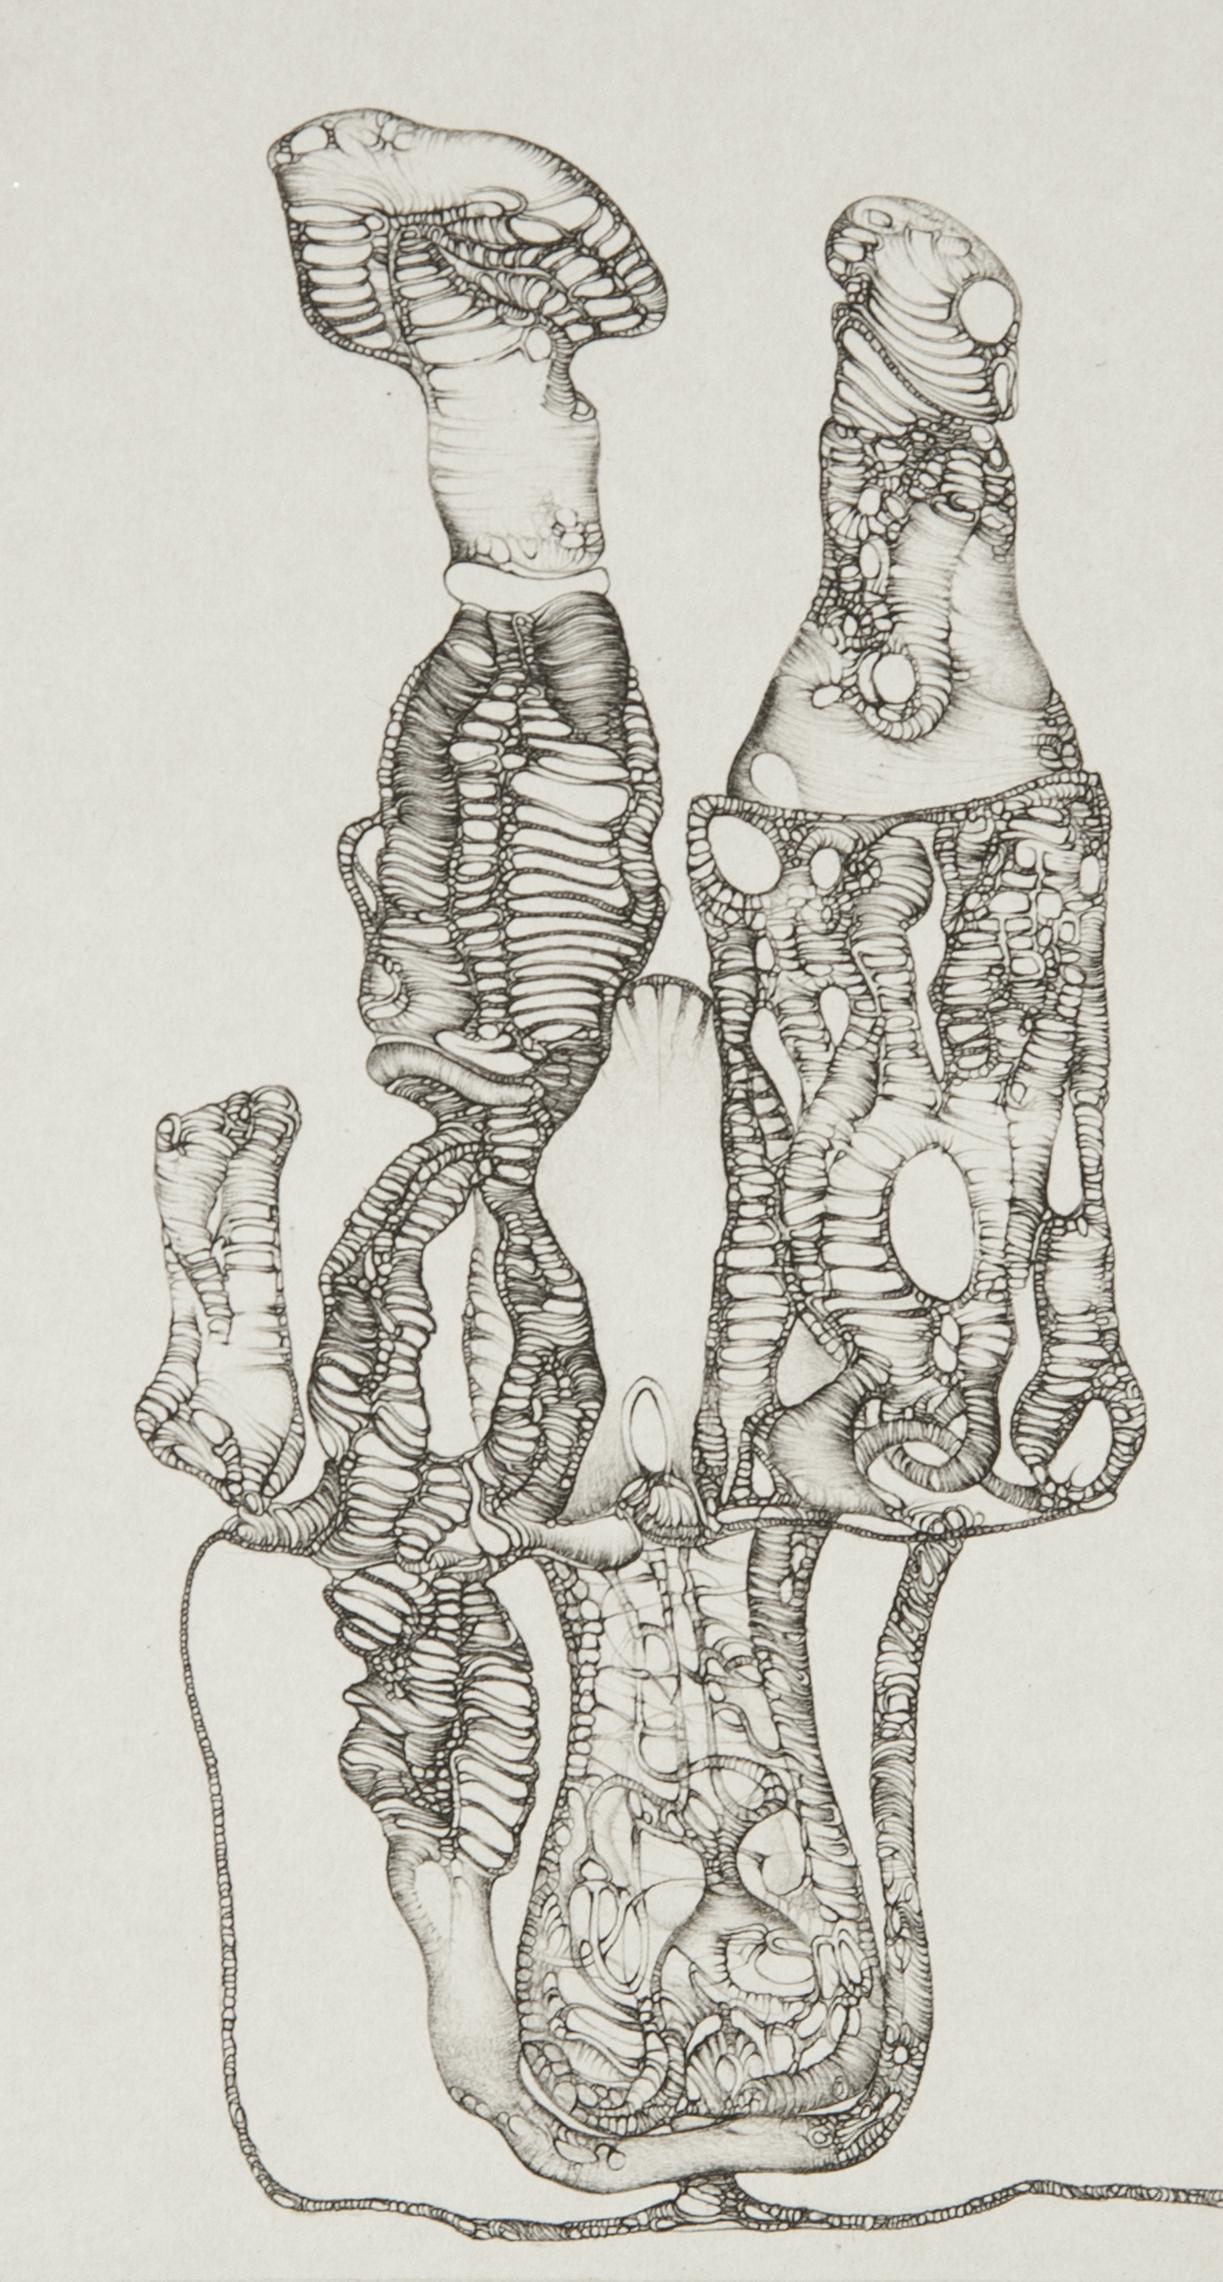 Cécile Reims, J'ai corps communicants, d'après Fred Deux, 1975 Epreuve sur papier vélin d'Arches, 19